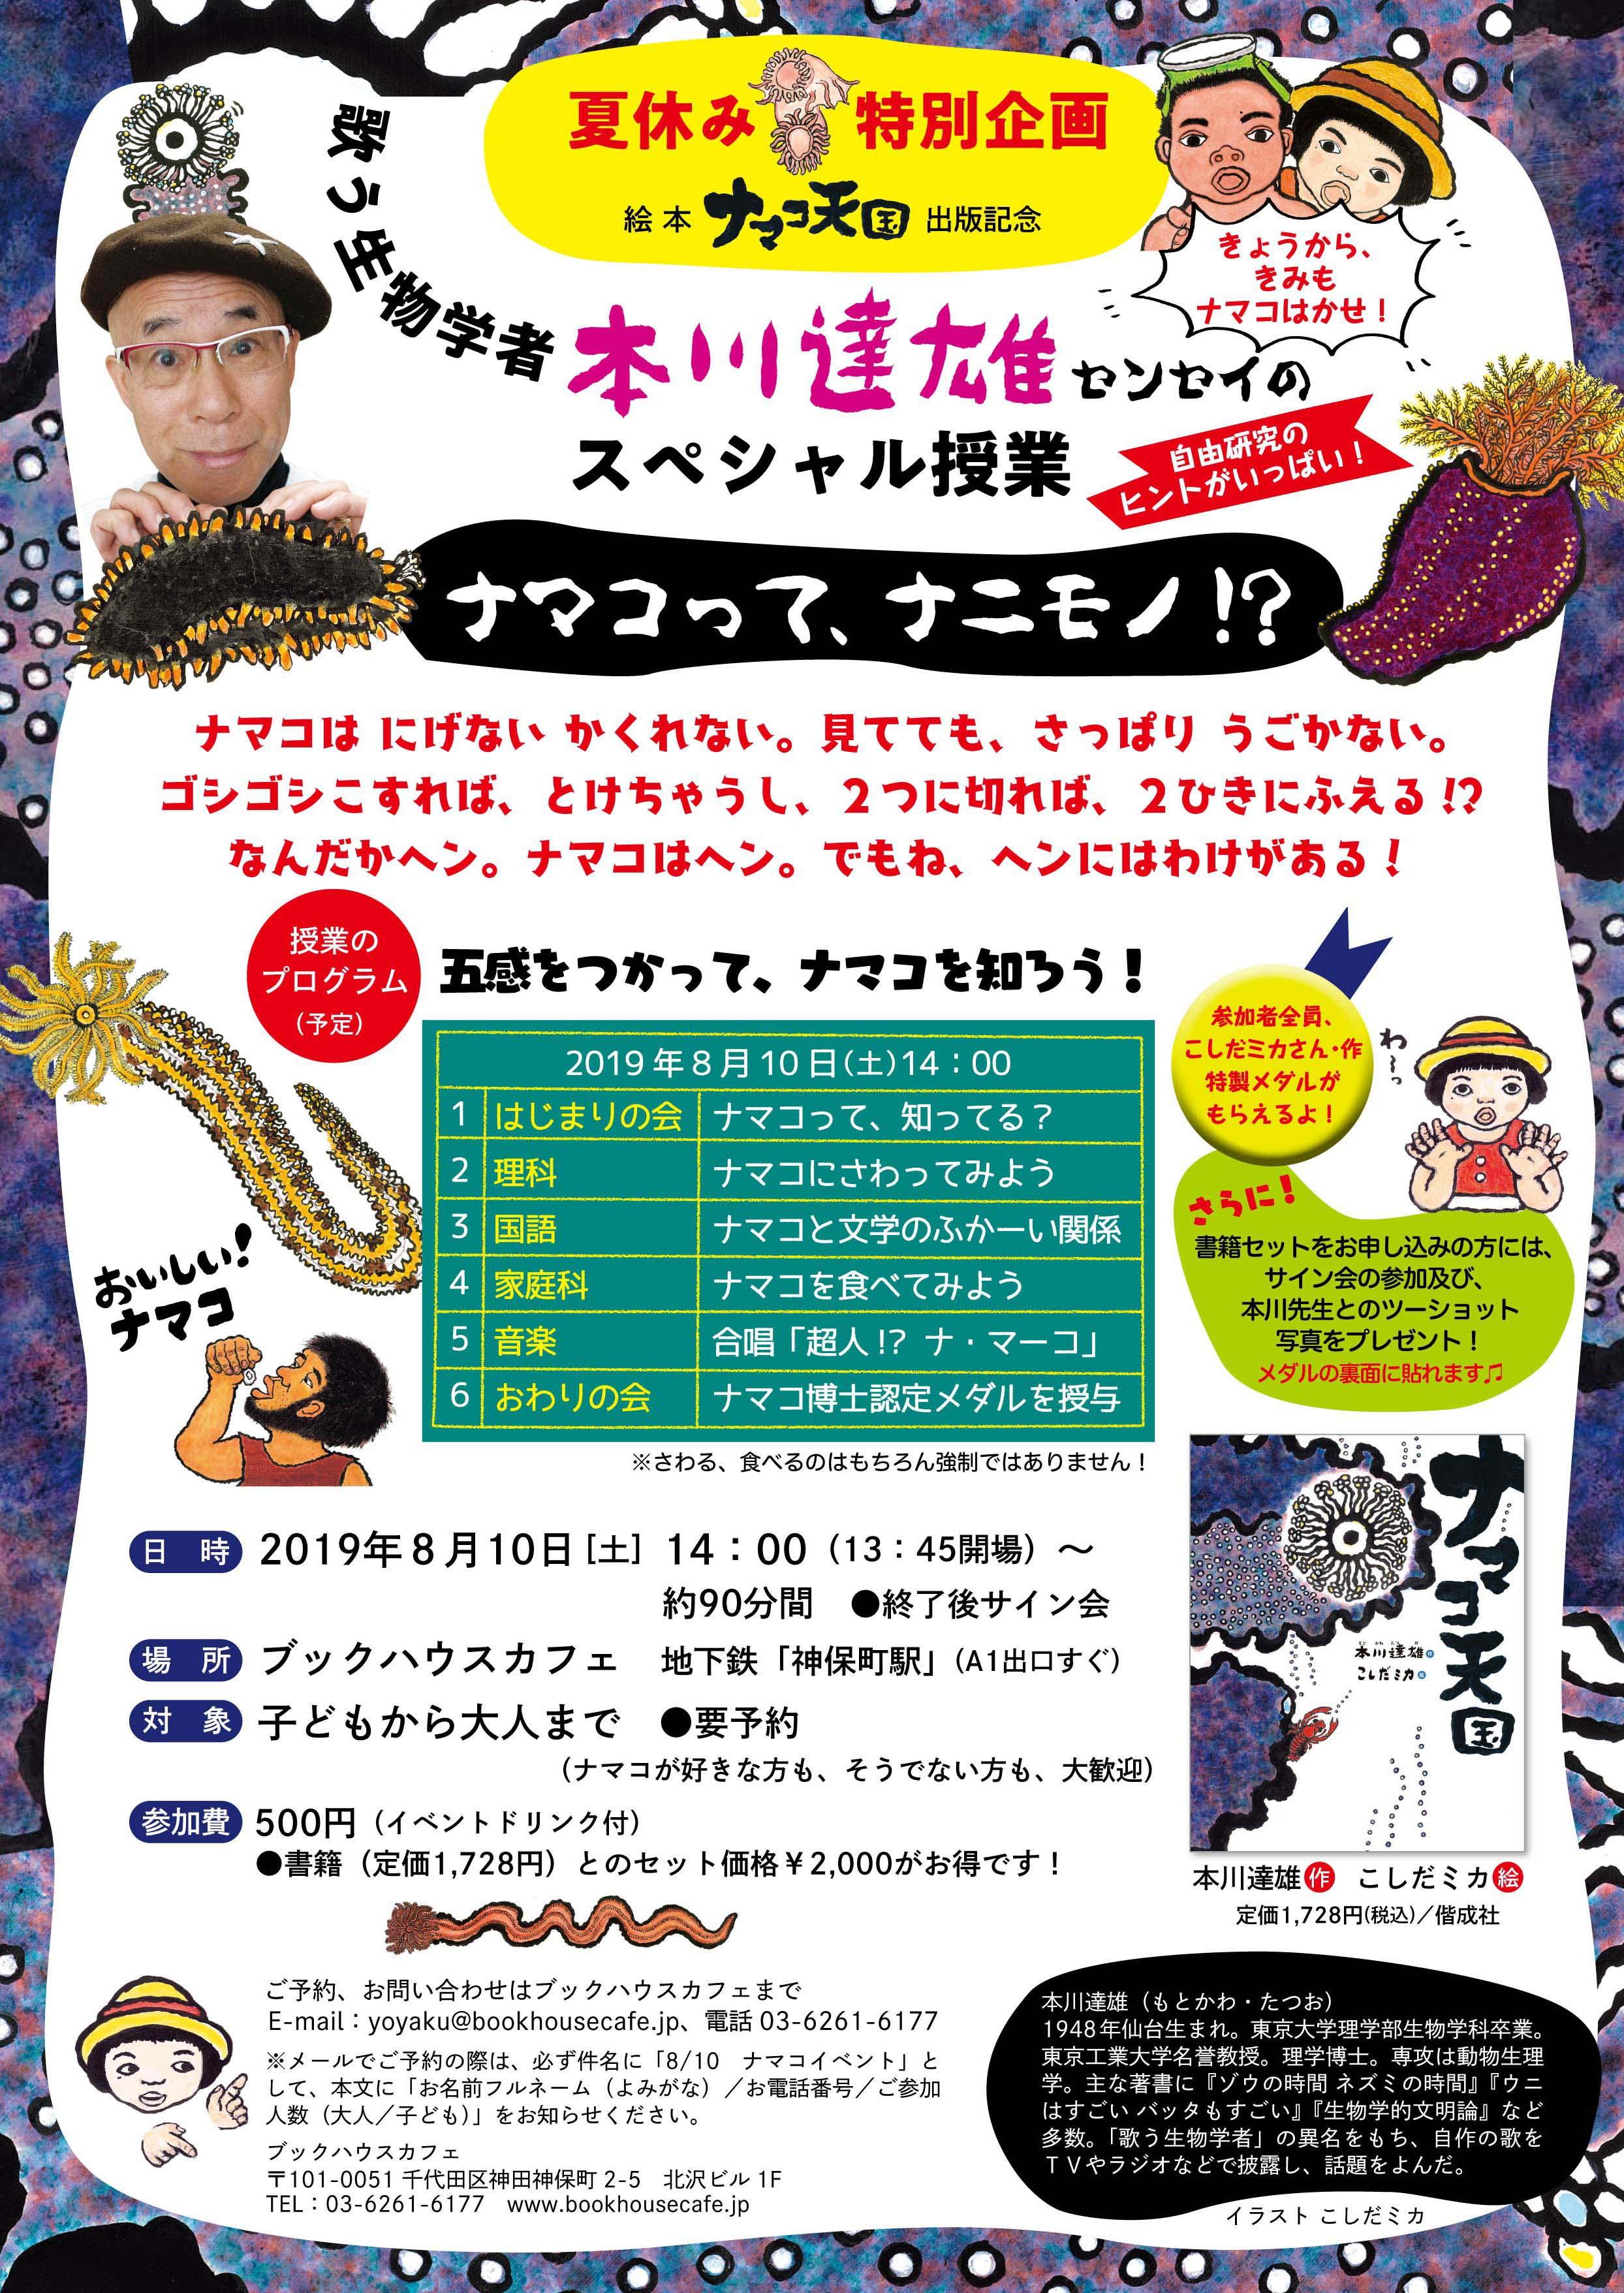 歌う生物学者 本川達雄センセイのスペシャル授業 ナマコってナニモノ?!